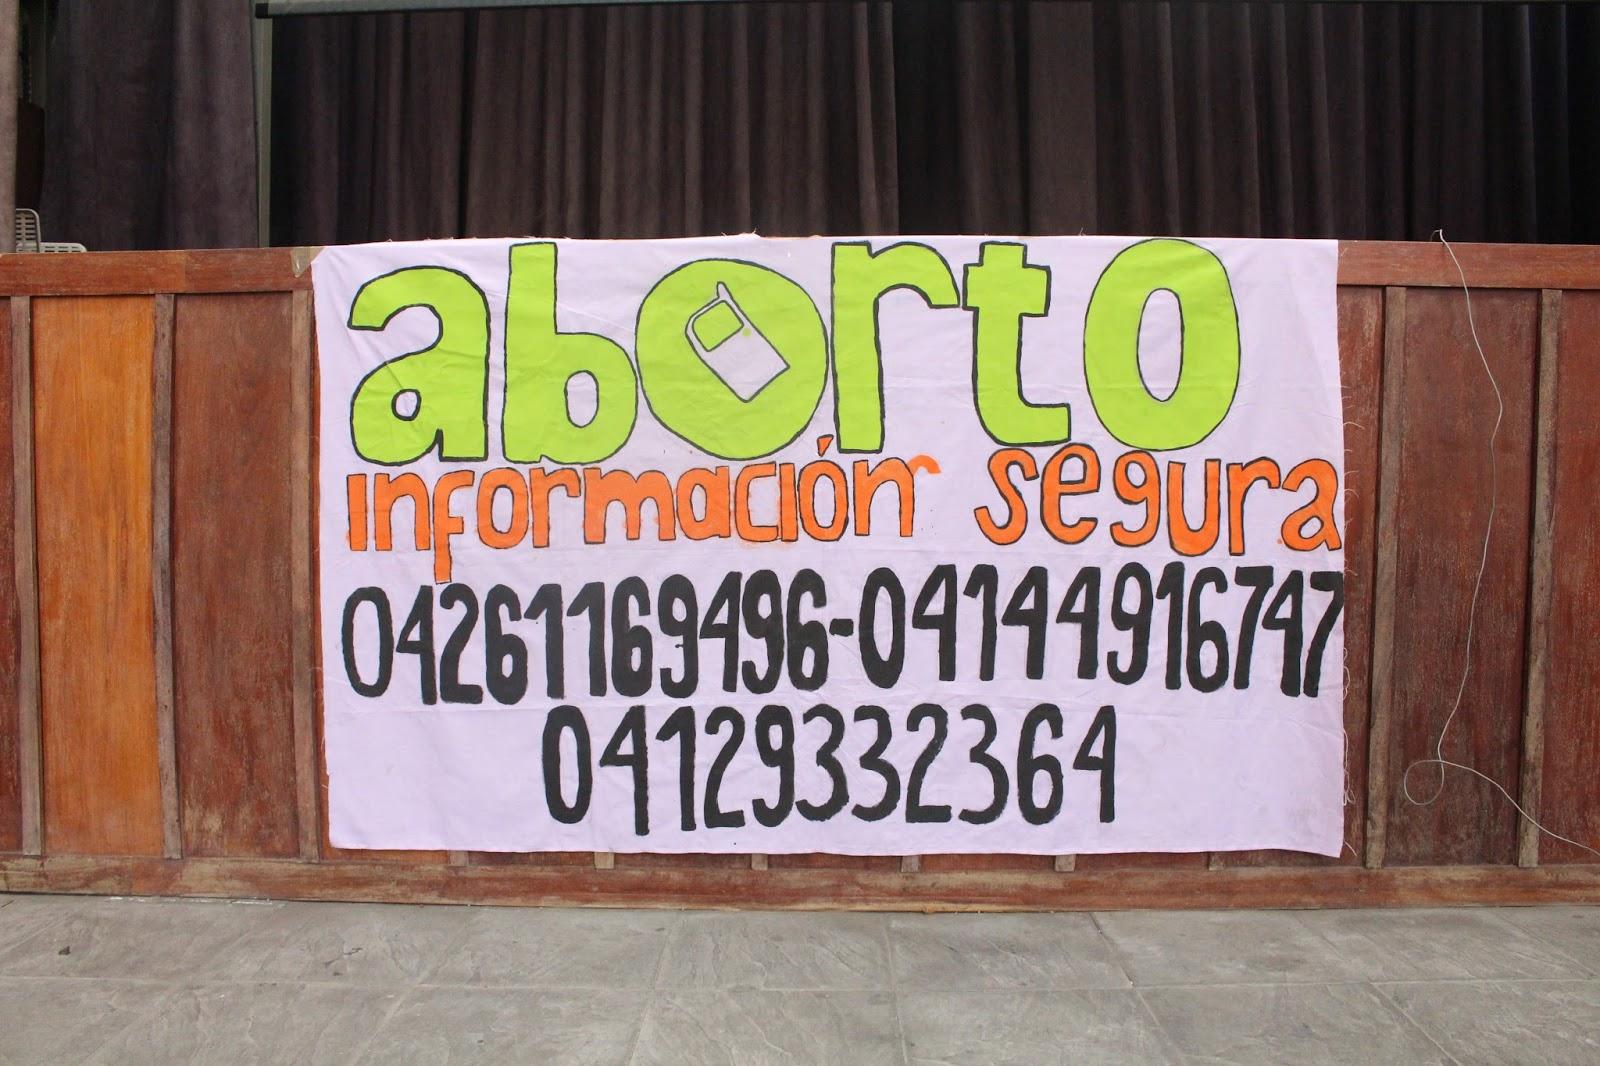 Abortion Line: Safe Information 0426-1169496 / 0414-4916747 / 0412-9332364